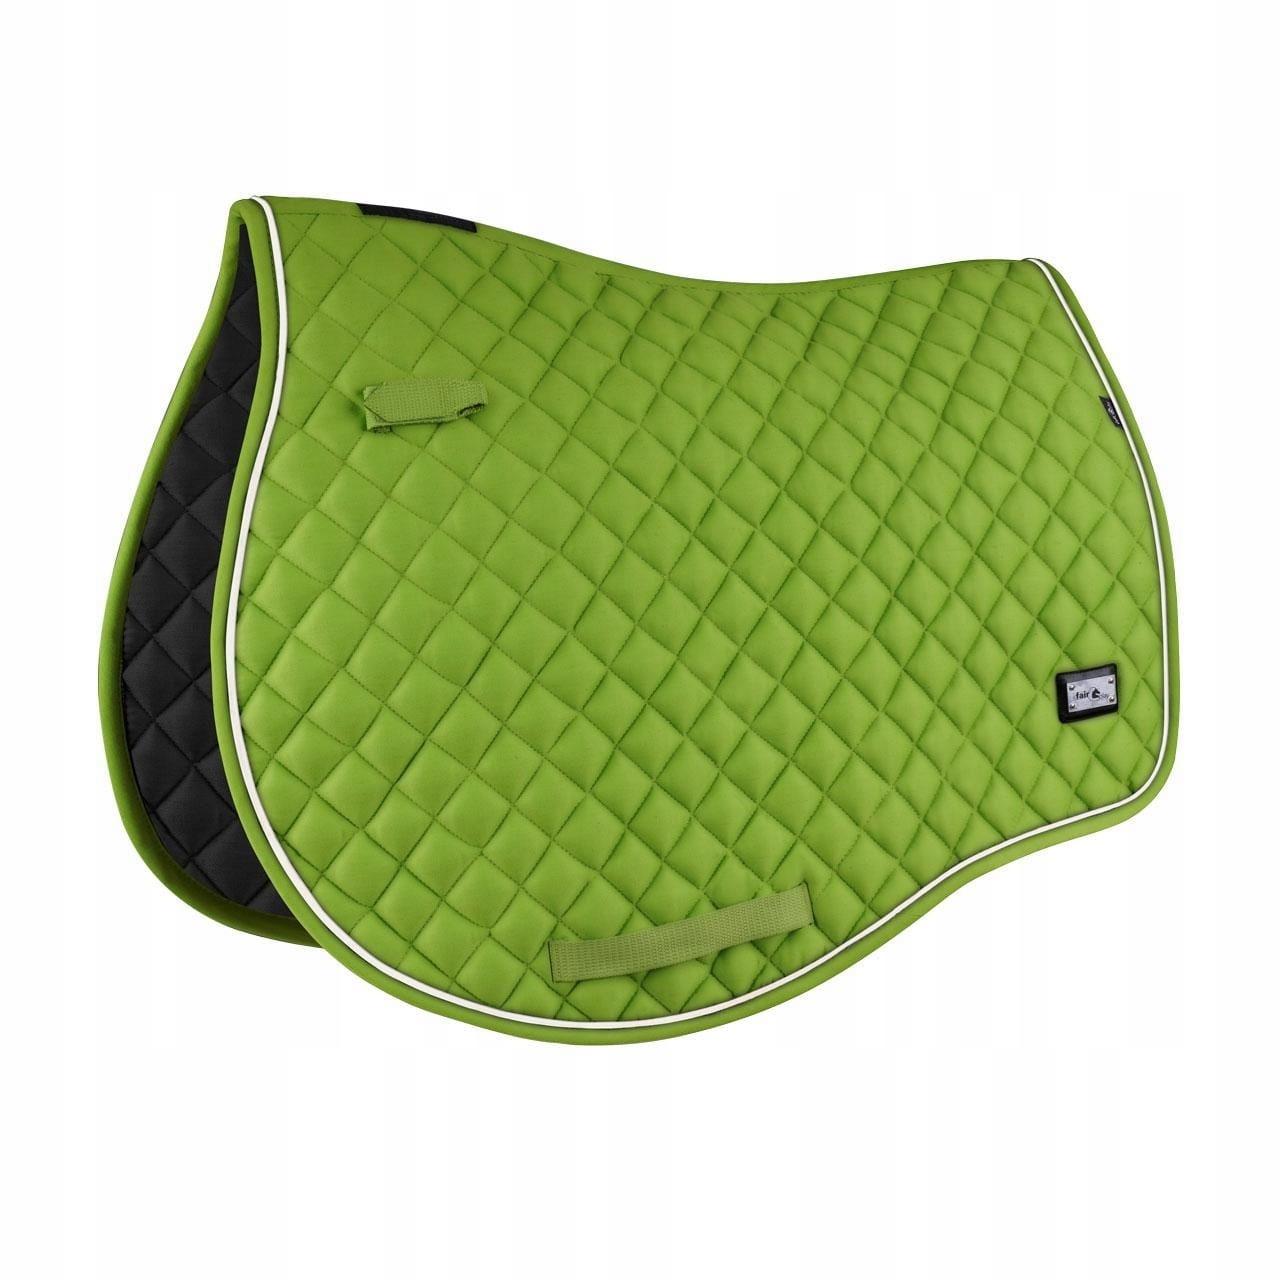 FAIR PLAY Ткань для седла AMBER 2.0 Lime VSS